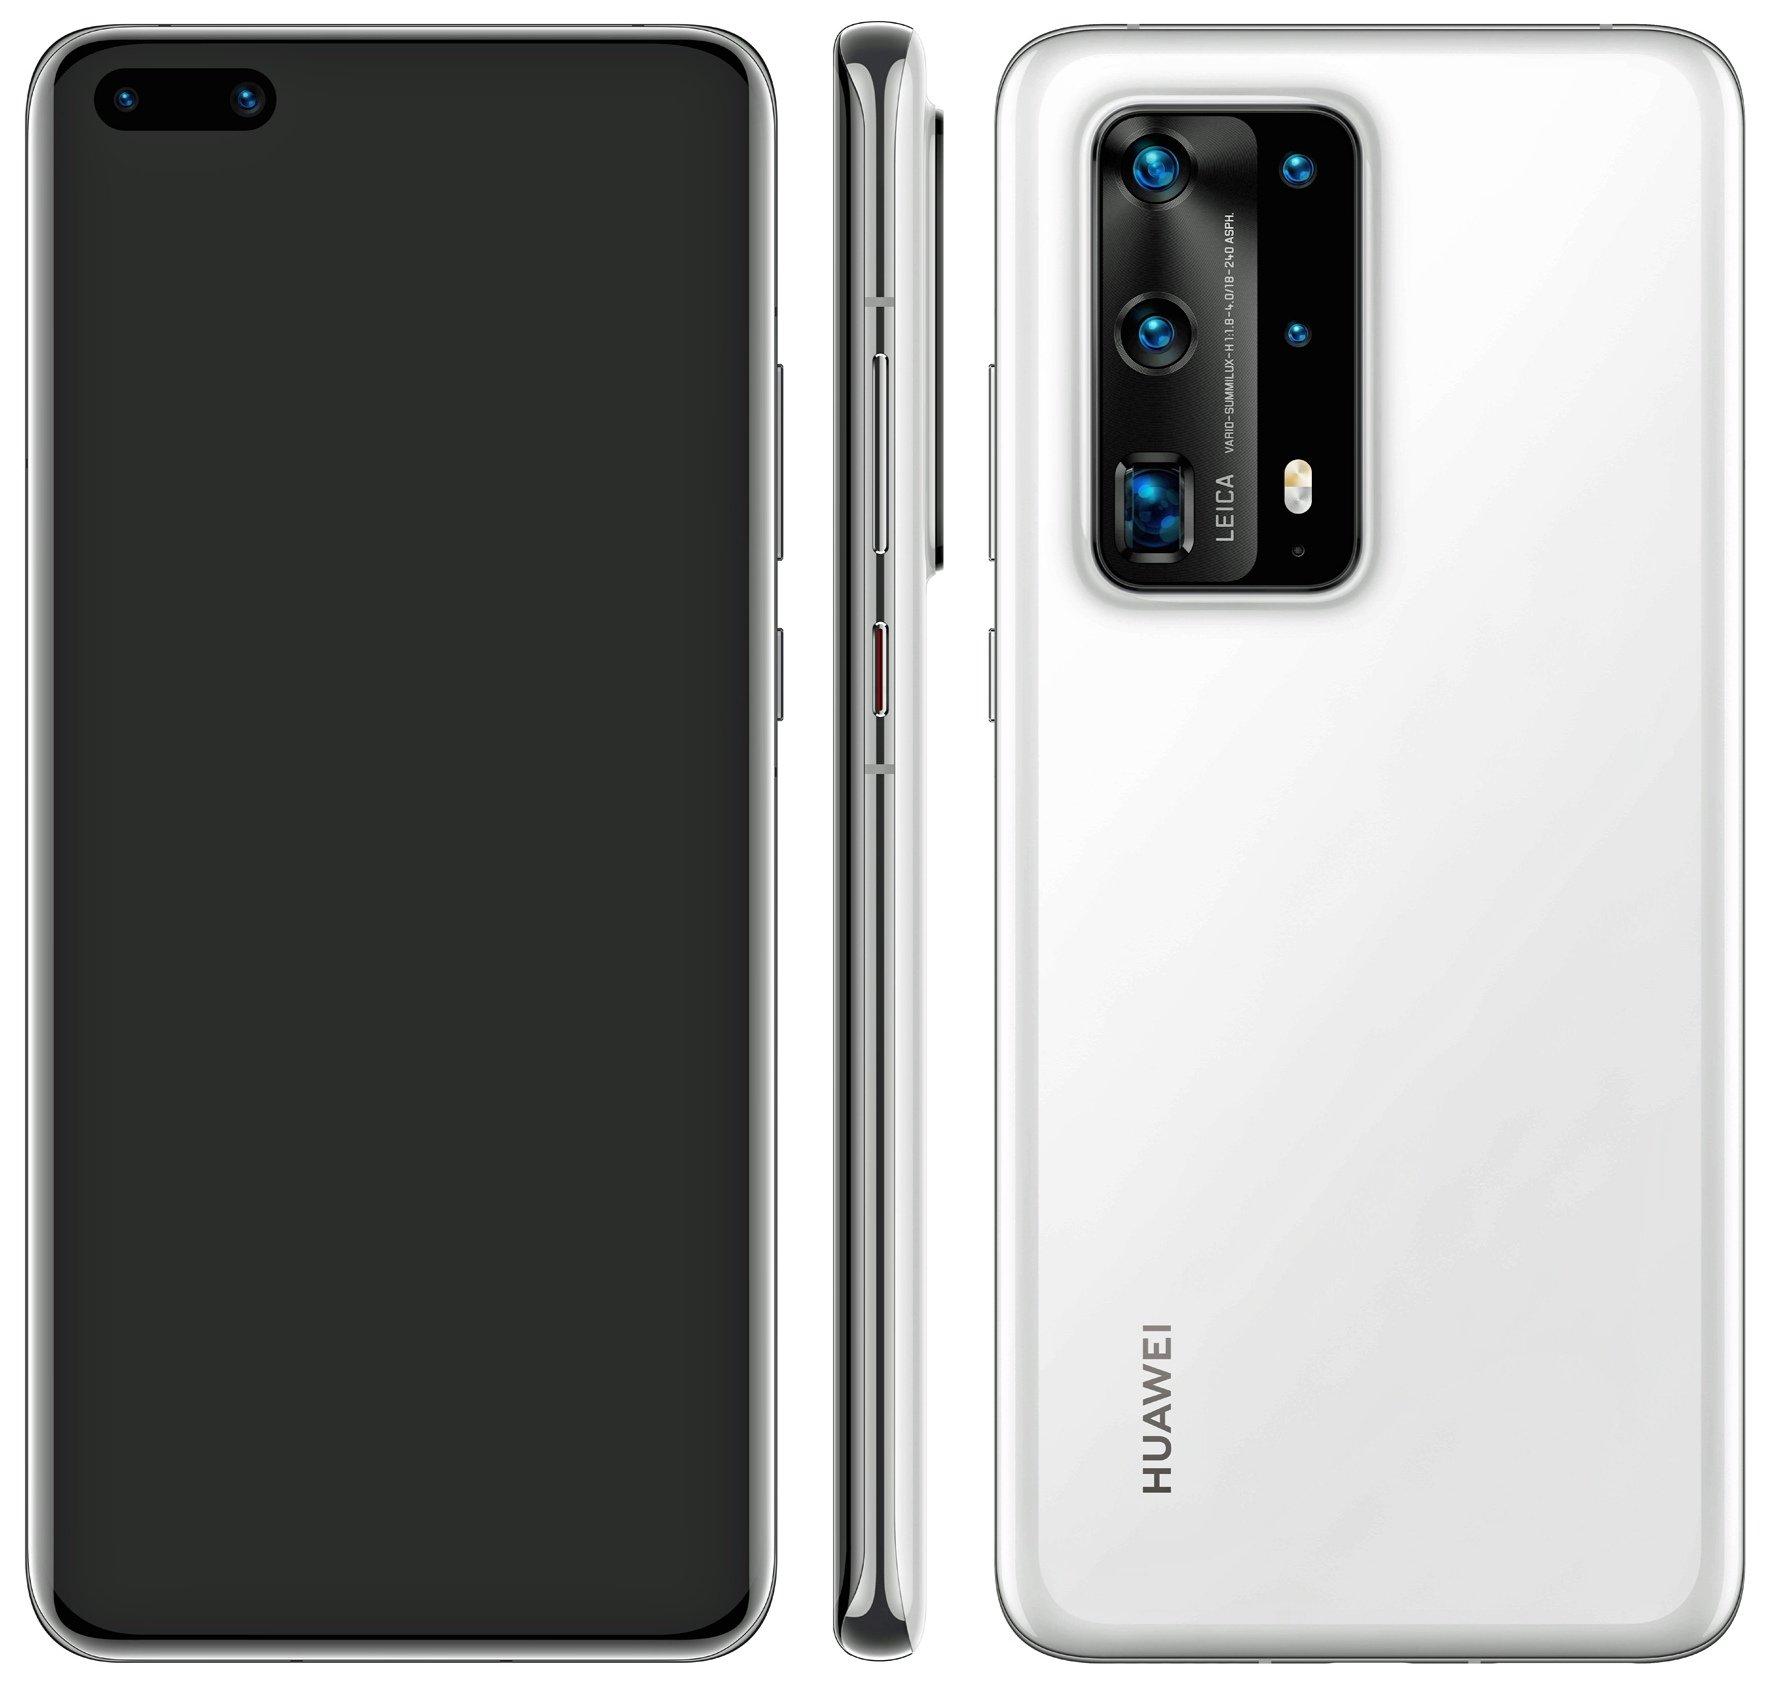 Huawei P40 Pro cena kiedy premiera plotki przecieki wycieki specyfikacja dane techniczne